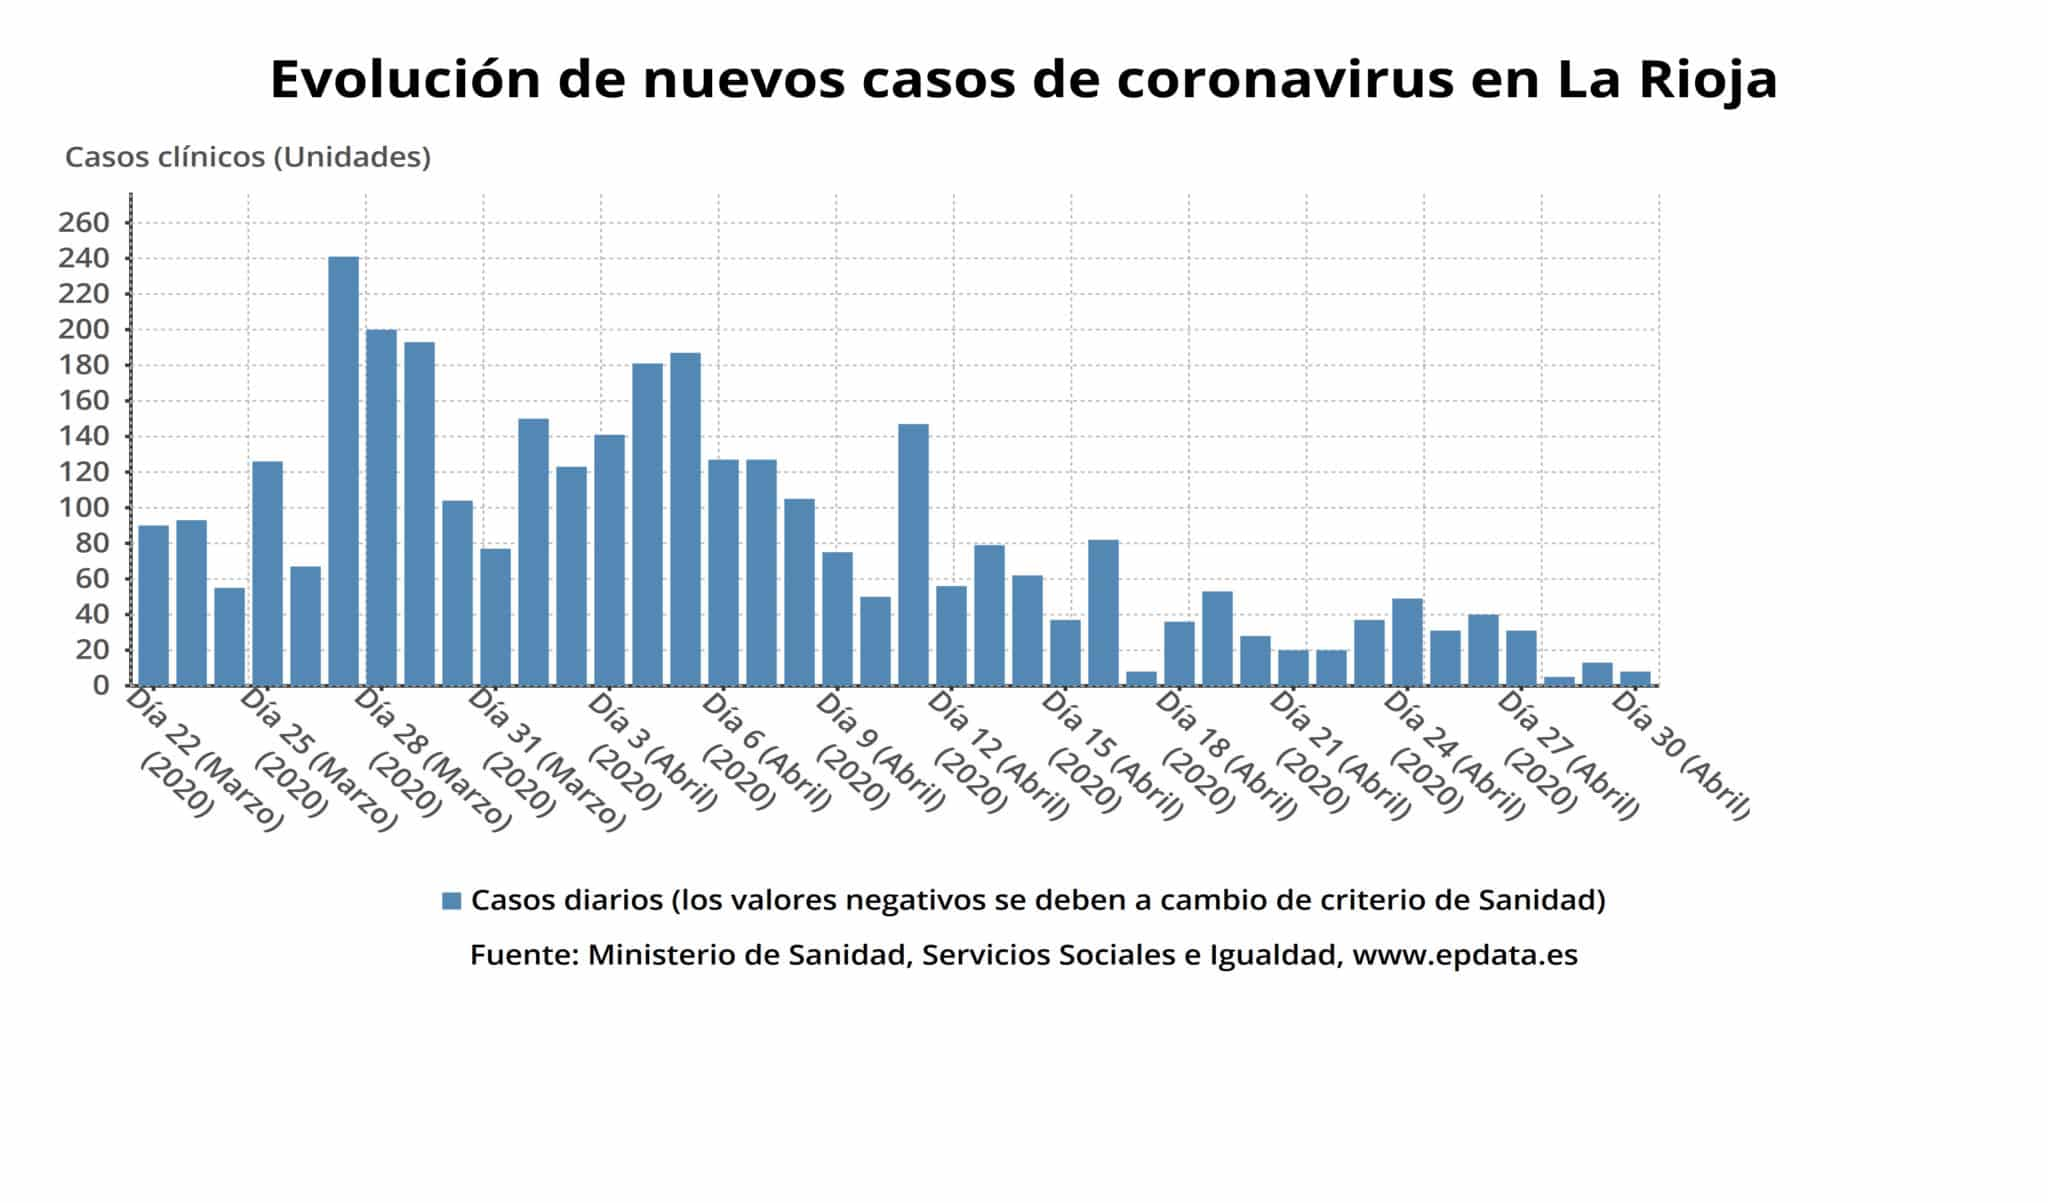 Continúan en descenso los ingresos hospitalarios por coronavirus en La Rioja 3